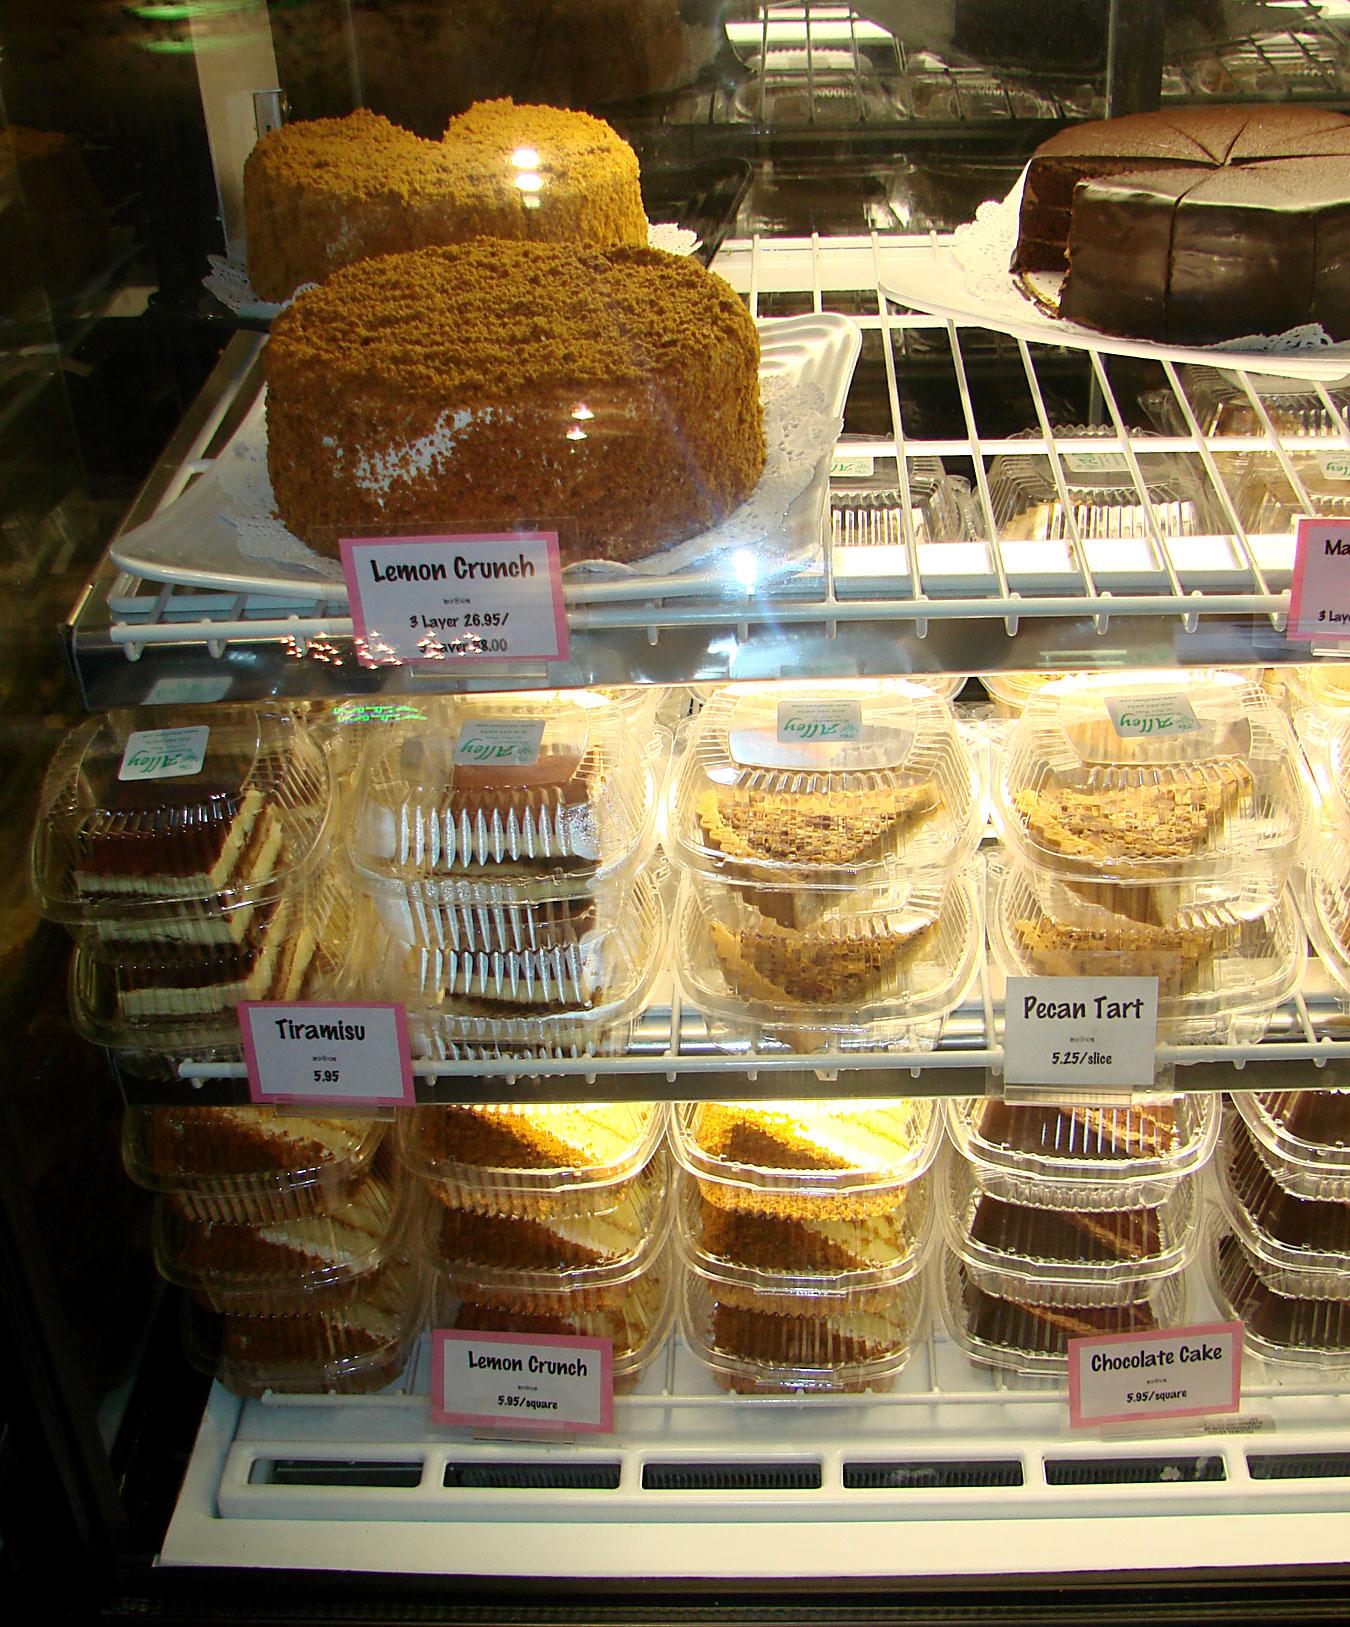 Aiea Bowl Lemon Crunch Cake